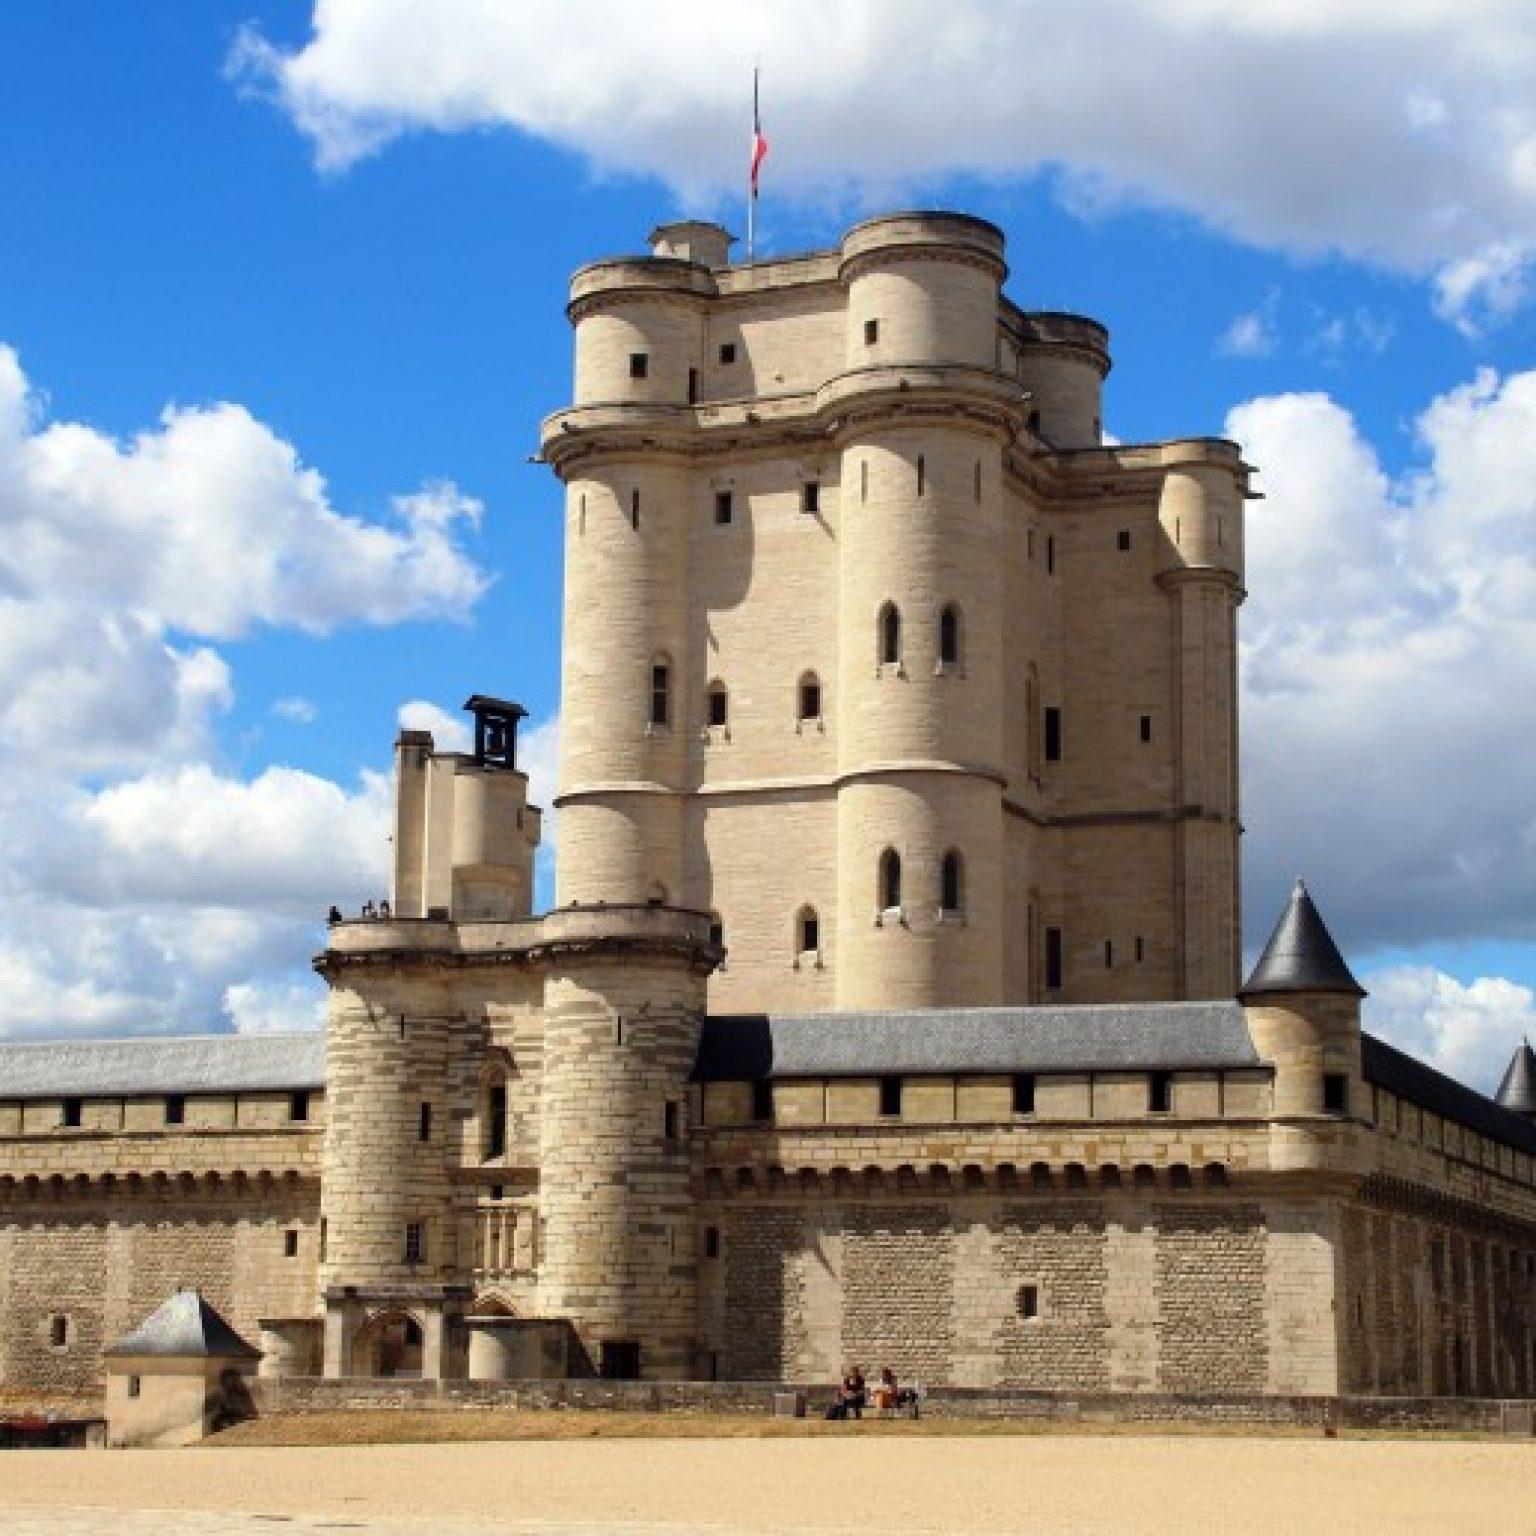 Что посмотреть в окрестностях Парижа: Венсенский замок